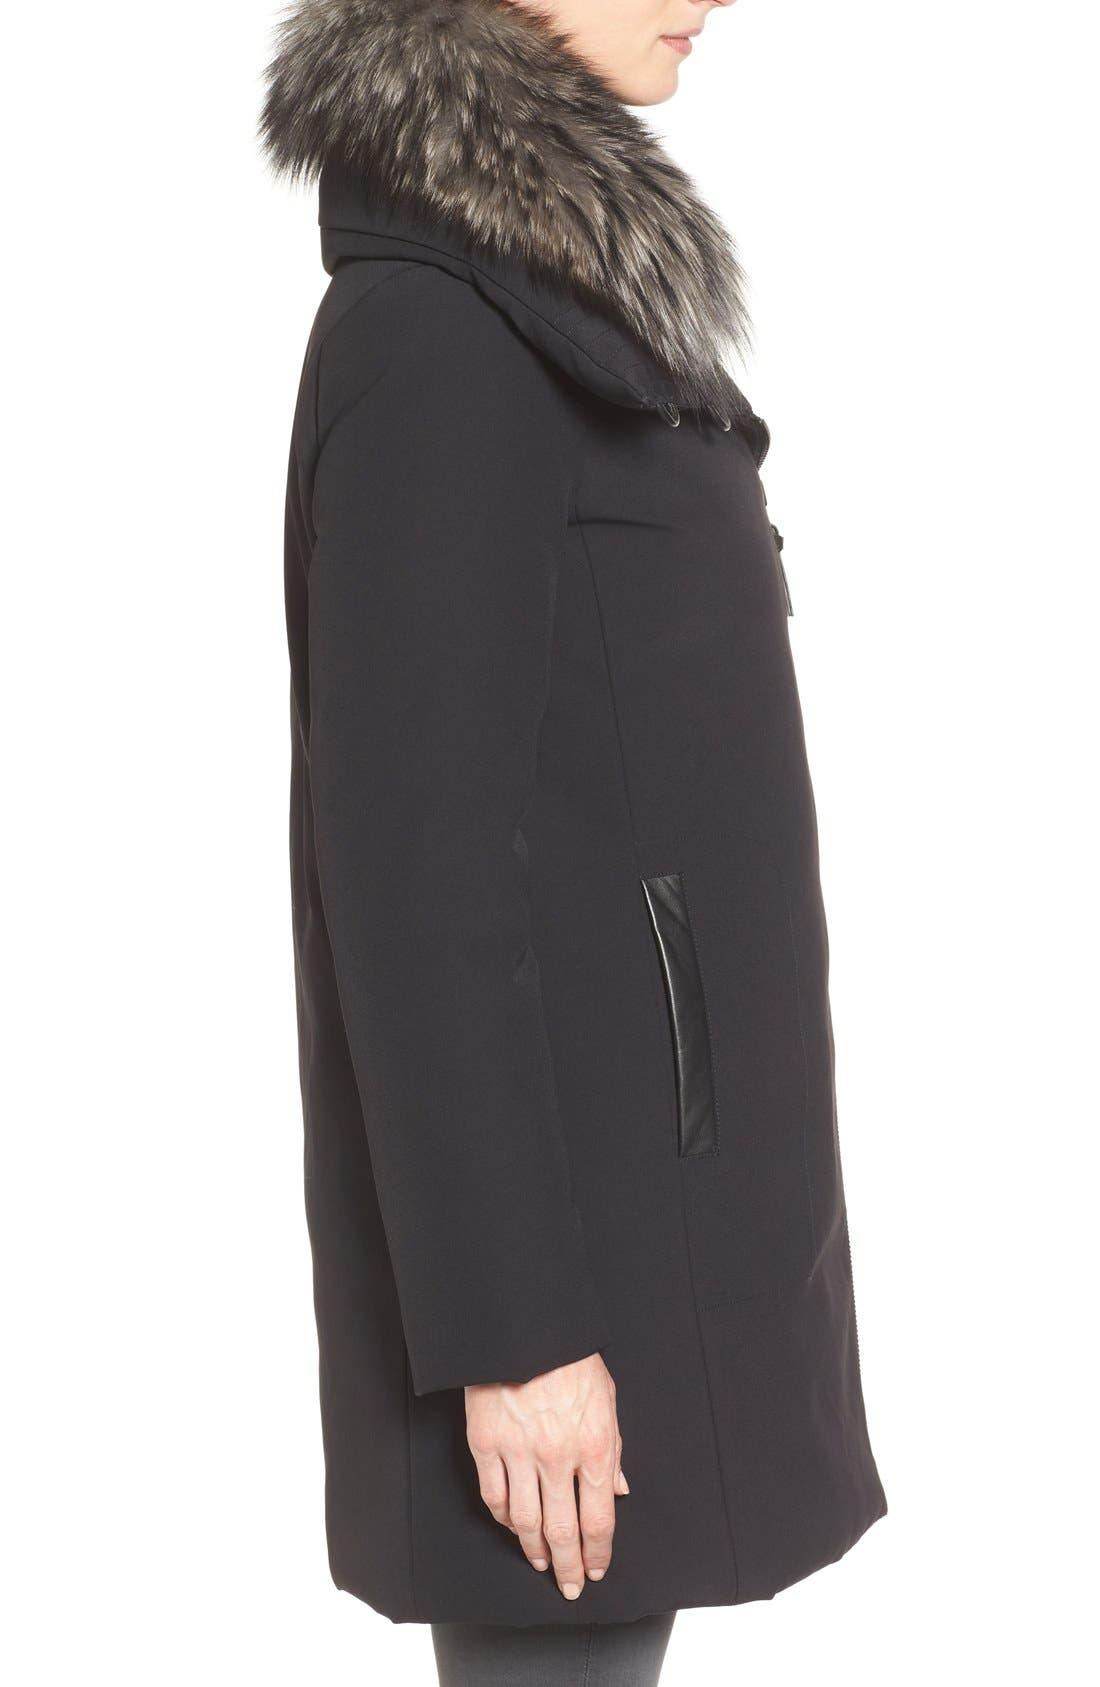 Alternate Image 3  - Derek Lam 10 Crosby Water Resistant Down Parka with Genuine Fox Fur Collar